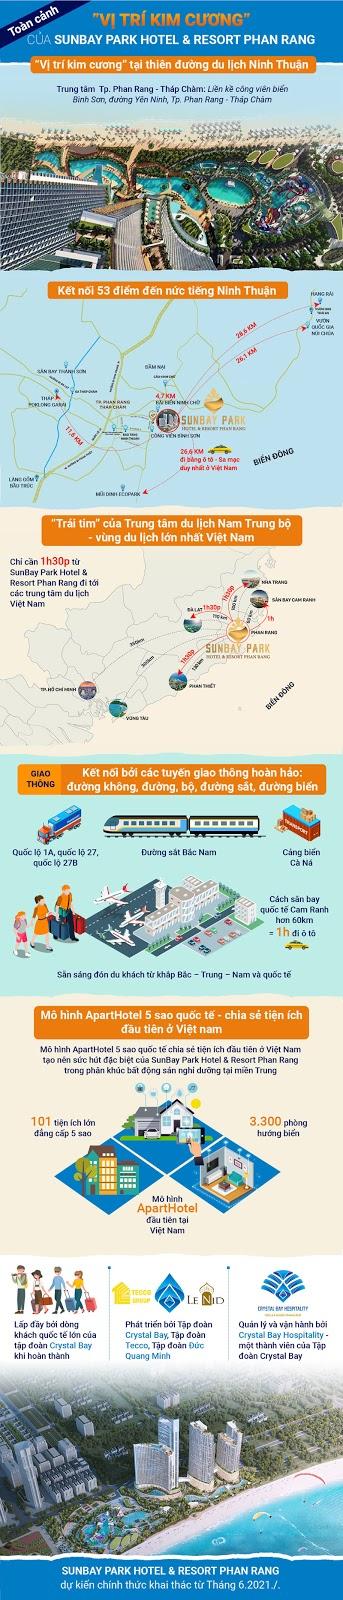 """Vị trí """"kim cương"""" của dự án căn hộ SunBay Park Hotel & Resort Phan Rang Ninh Thuận"""